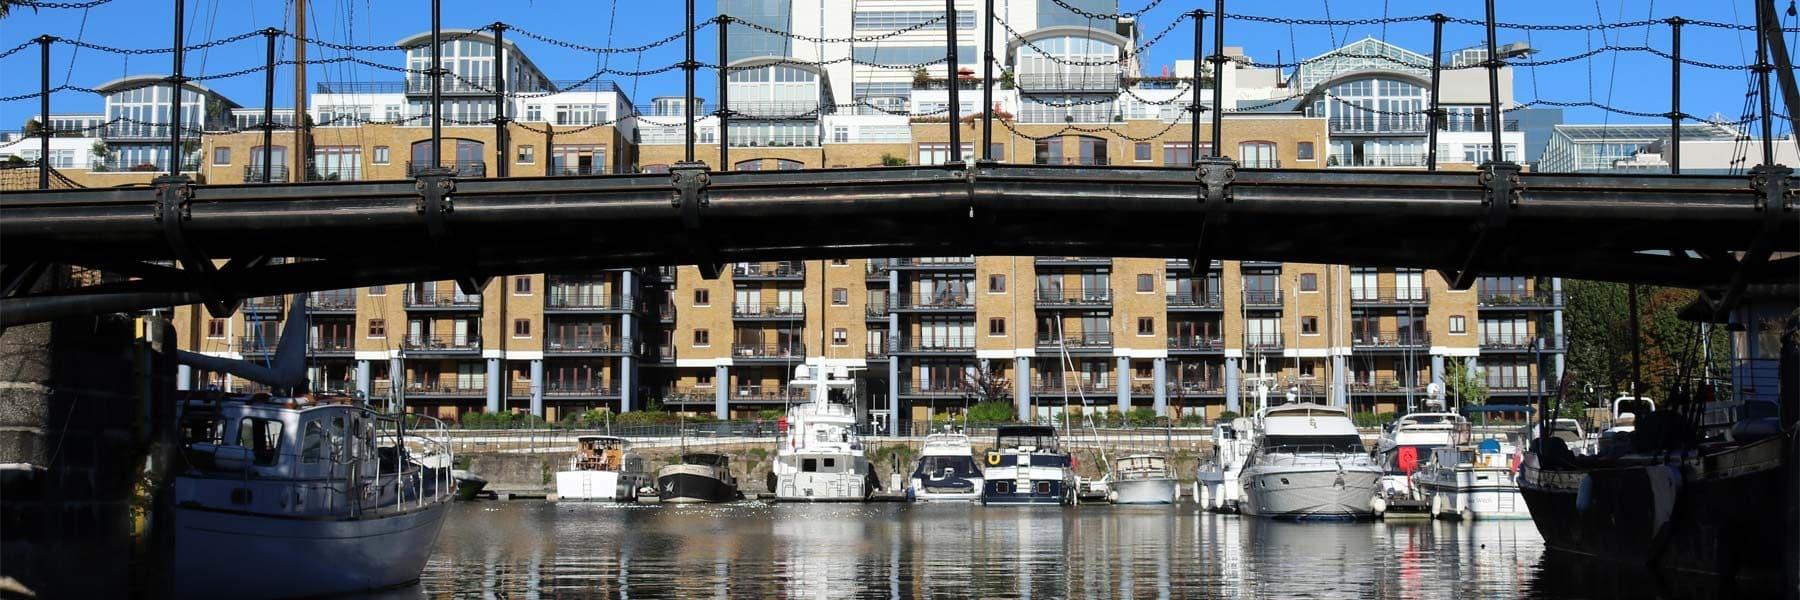 Telford Bridge, St. Katharine Docks